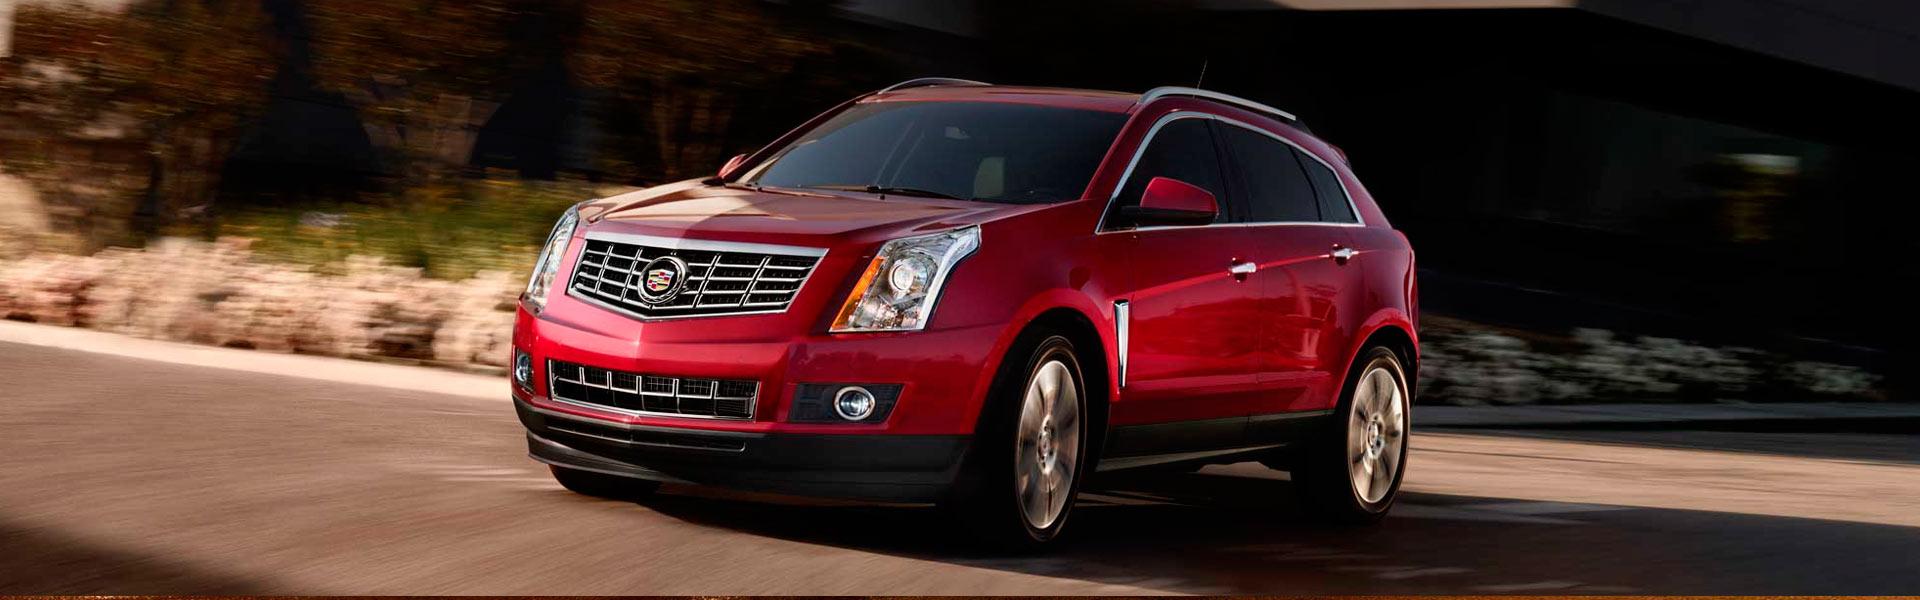 Замена топливного фильтра Cadillac